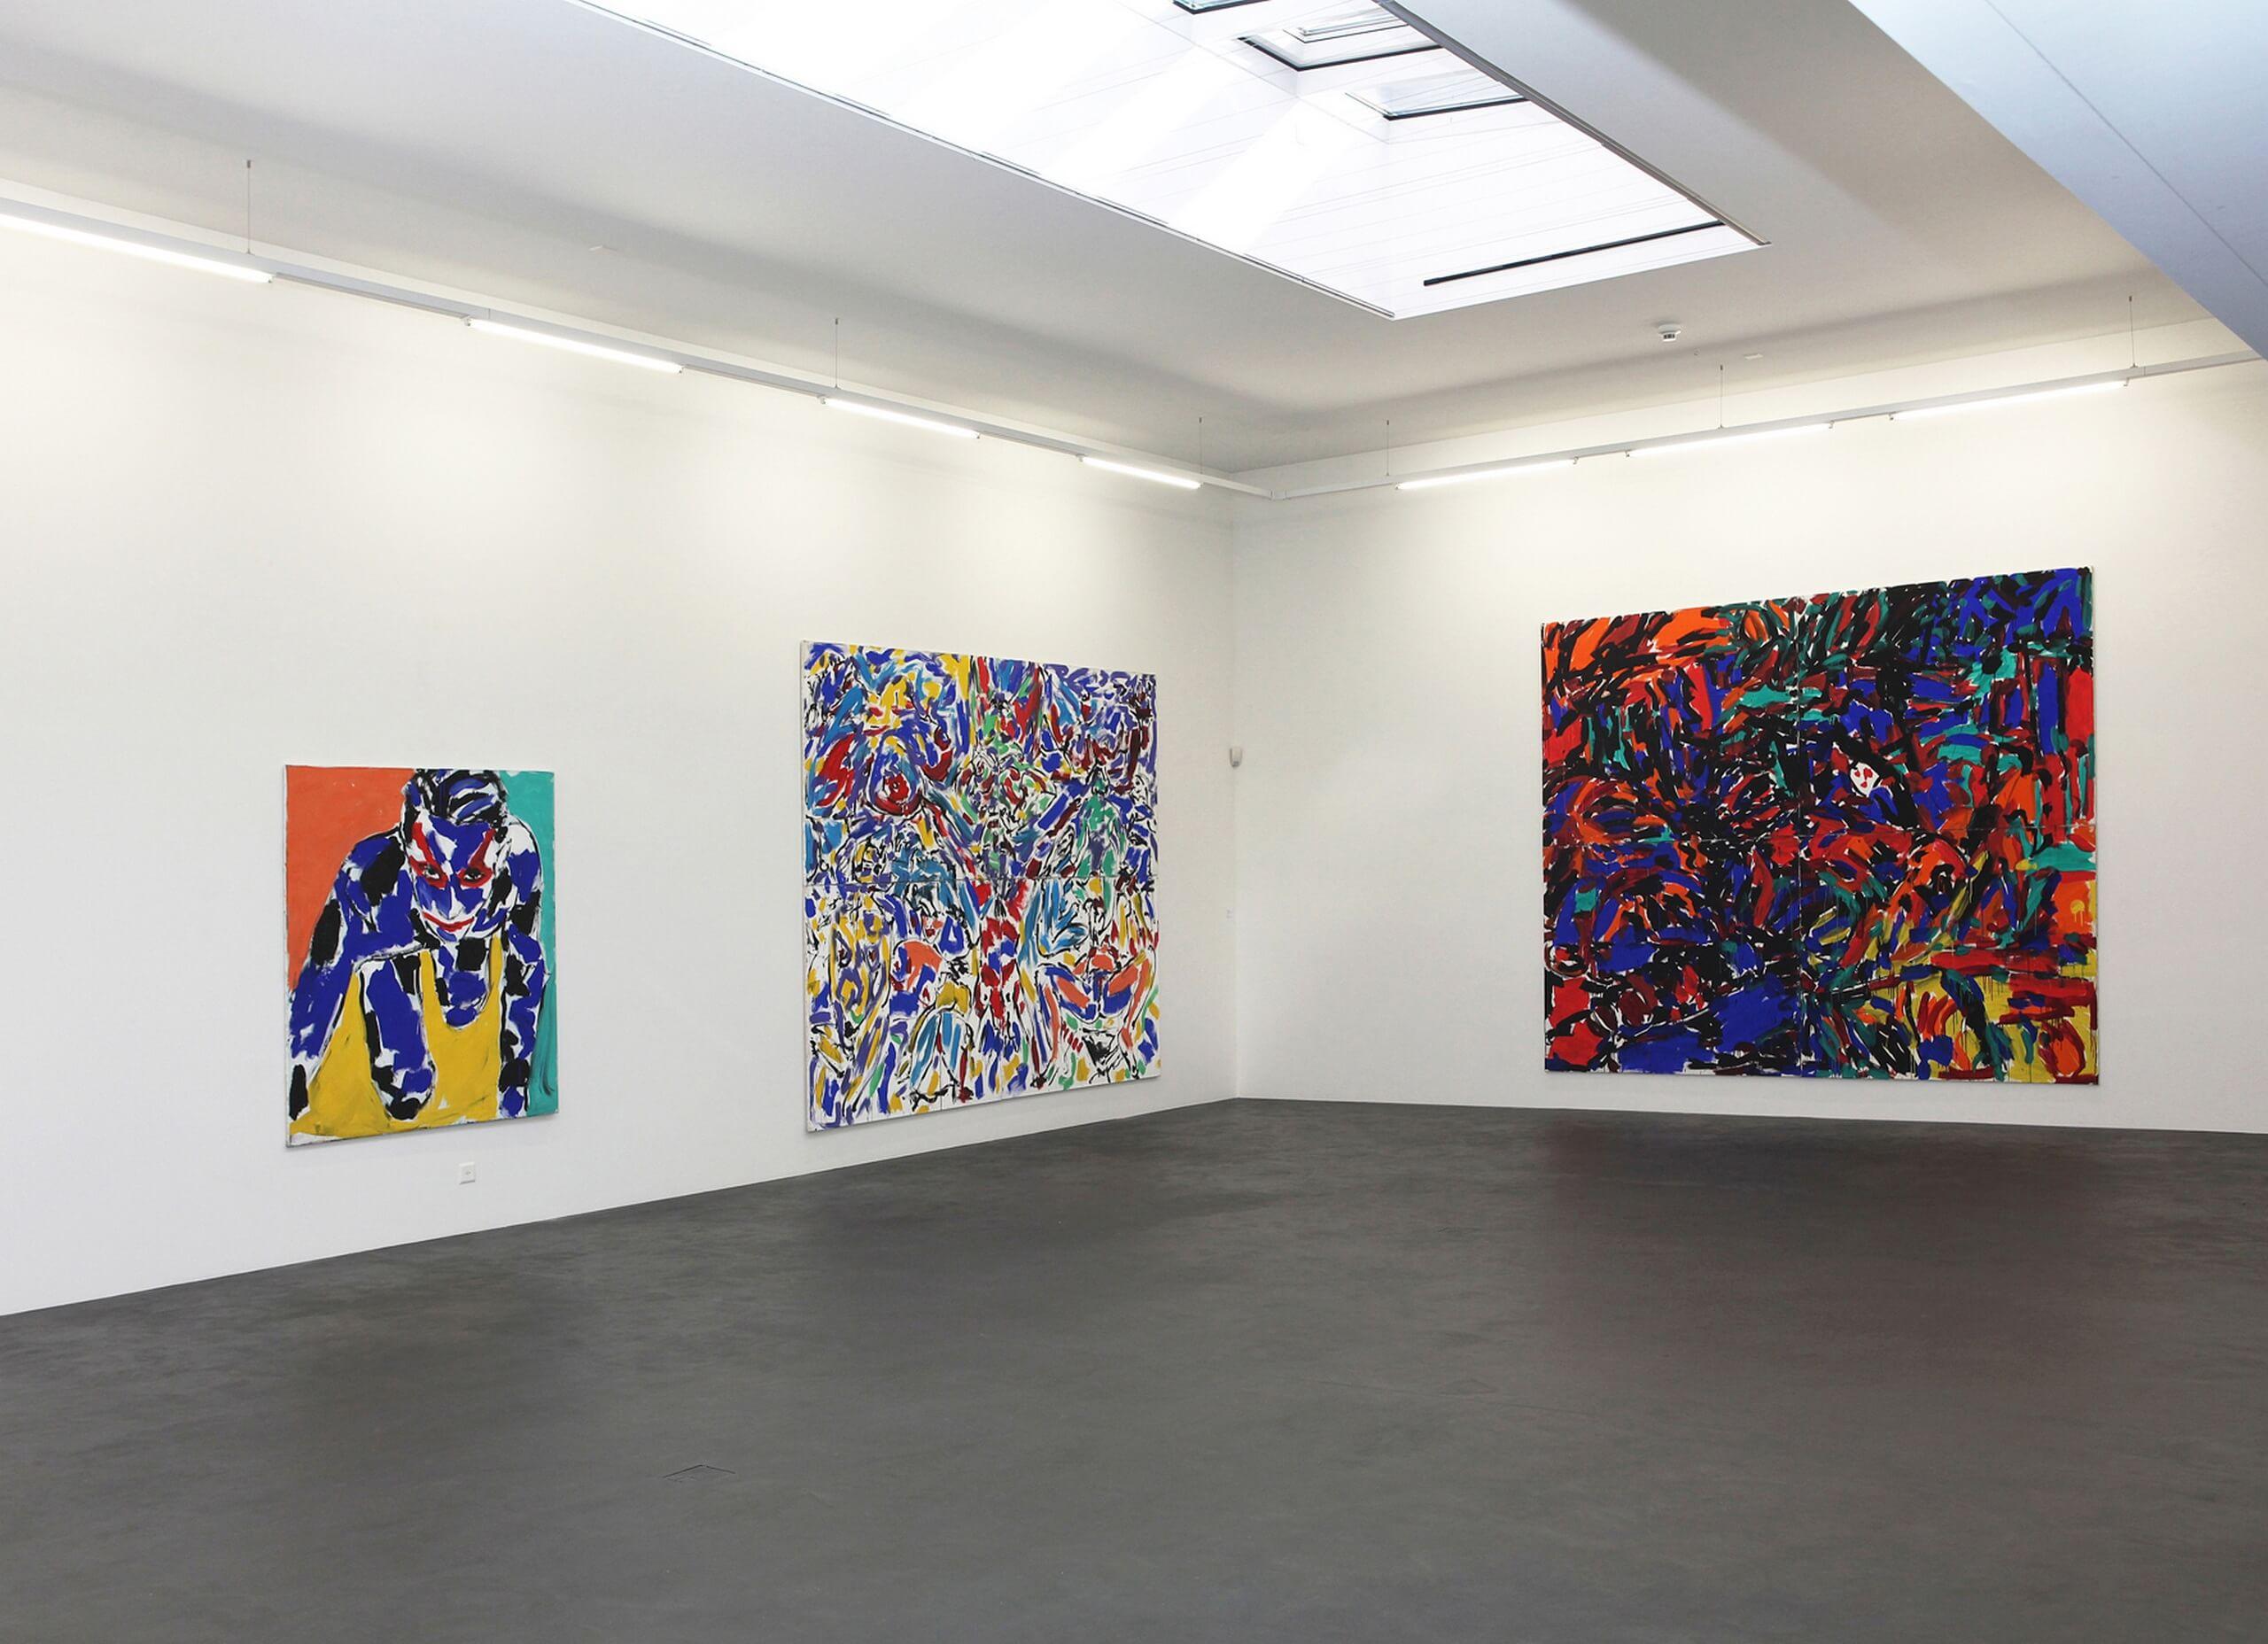 interlaken-kunsthaus-interlaken-oberlichtsaal-mit-werken-von-luciano-castell